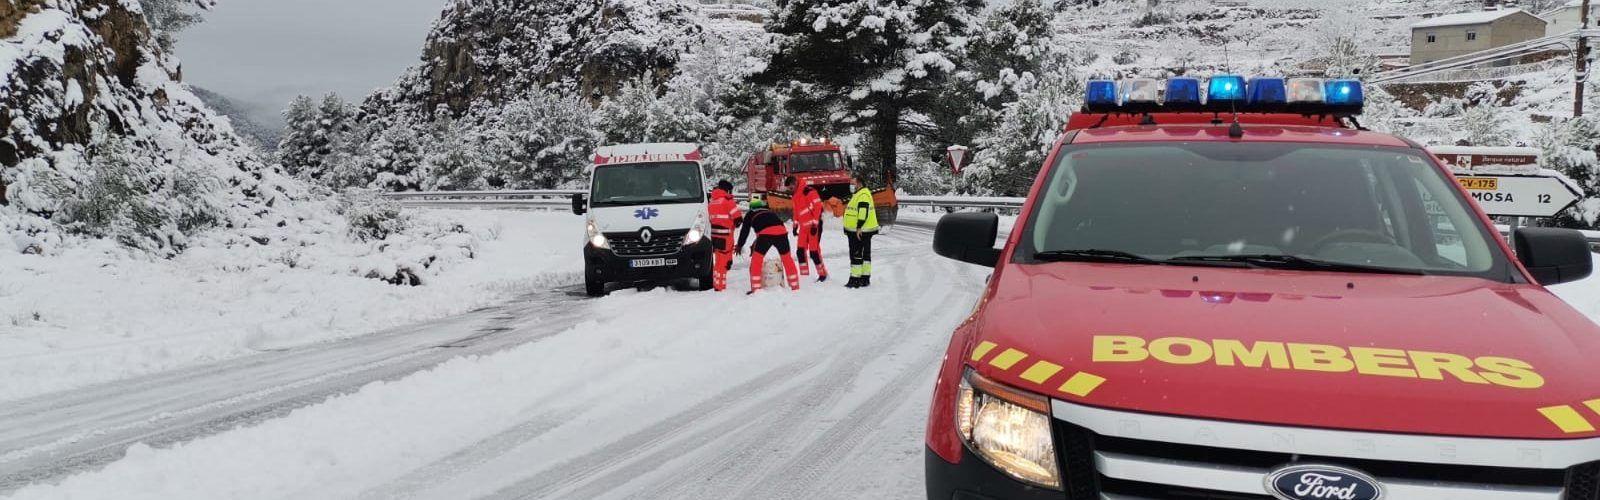 La Diputació i el Consorci de Bombers insten a no eixir a la carretera davant la preemergència de nivell roig per nevades